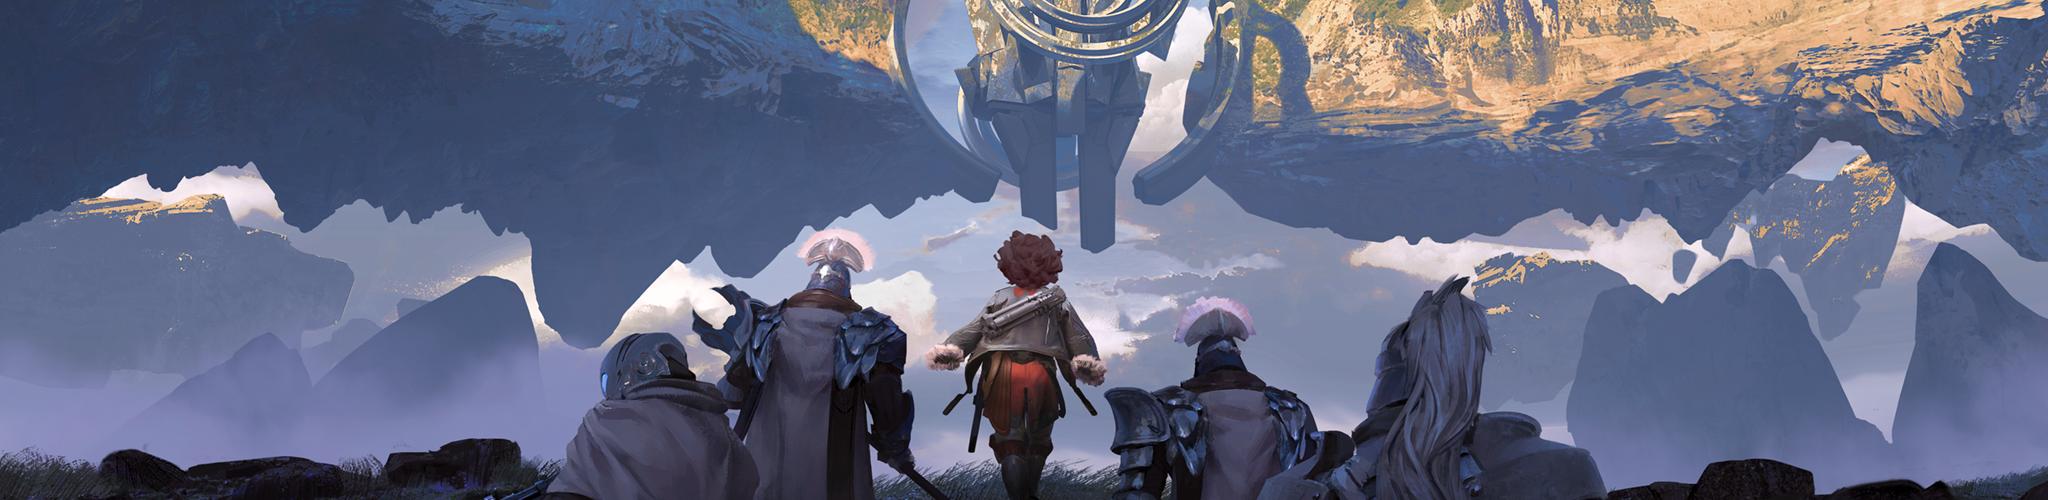 shardbound banner